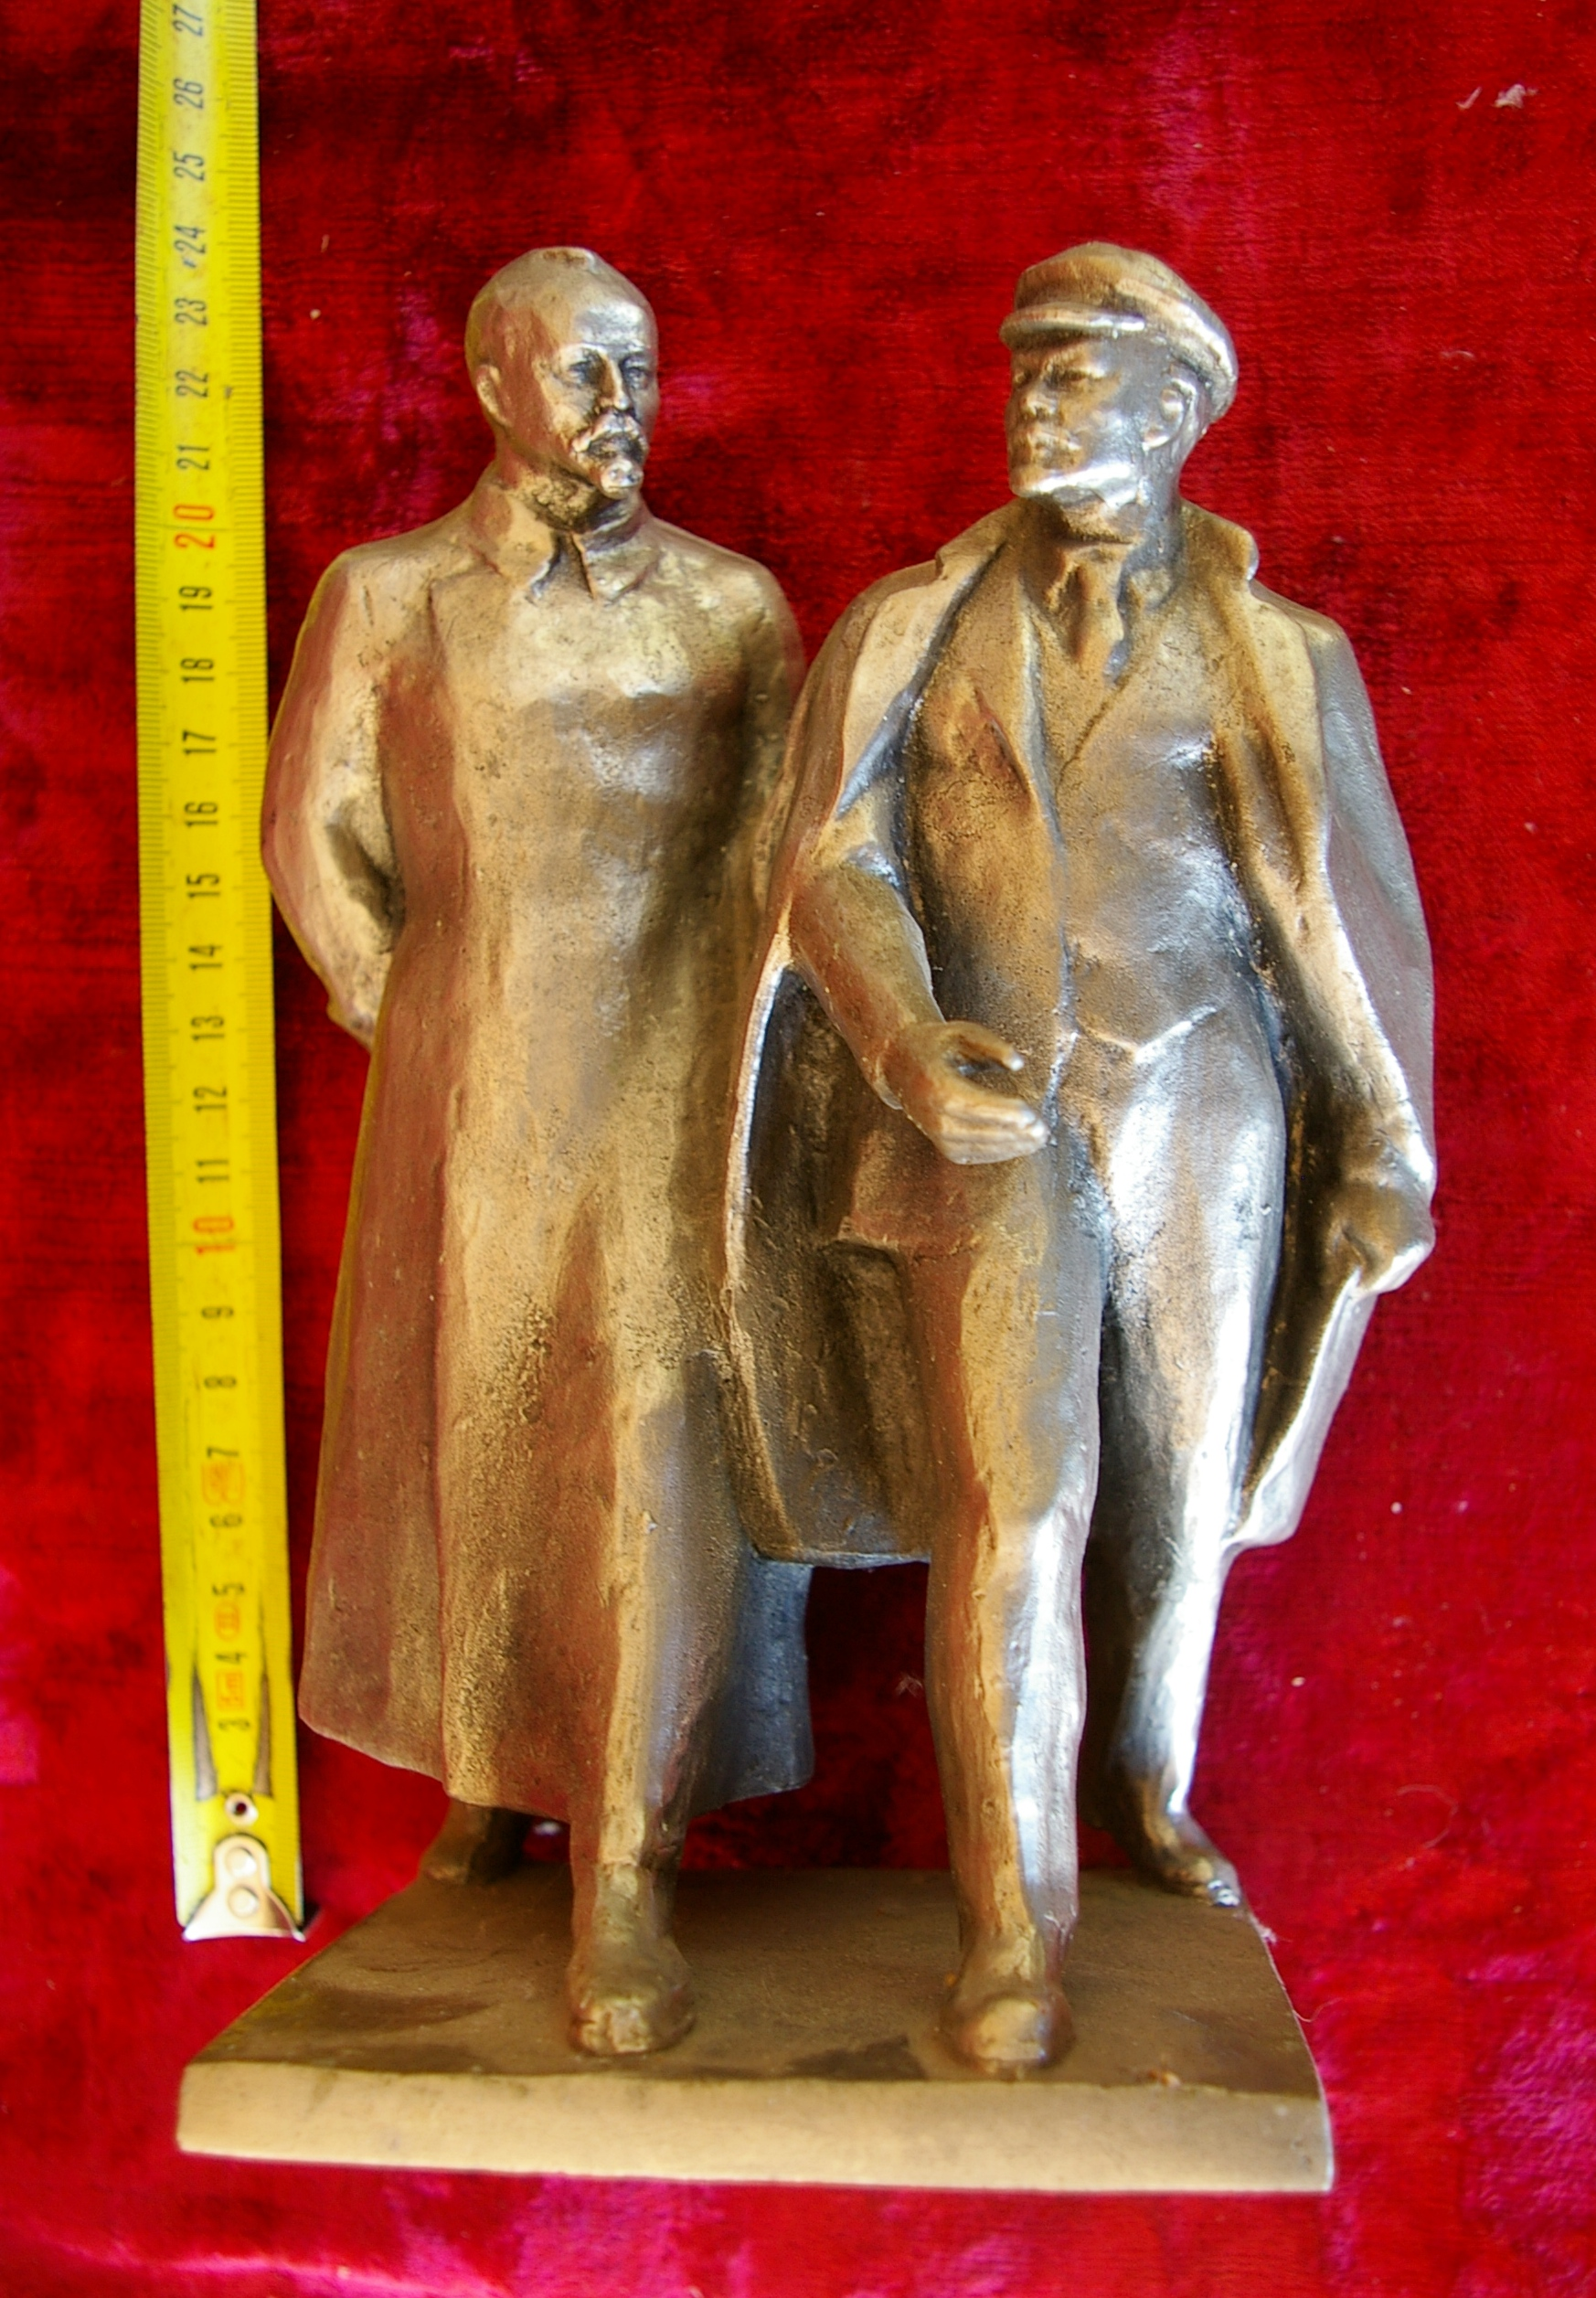 Скульптура Ленин с Дзержинским, материал метал, высота 23 см.,ширина 11 см., длина 11 см. - 5